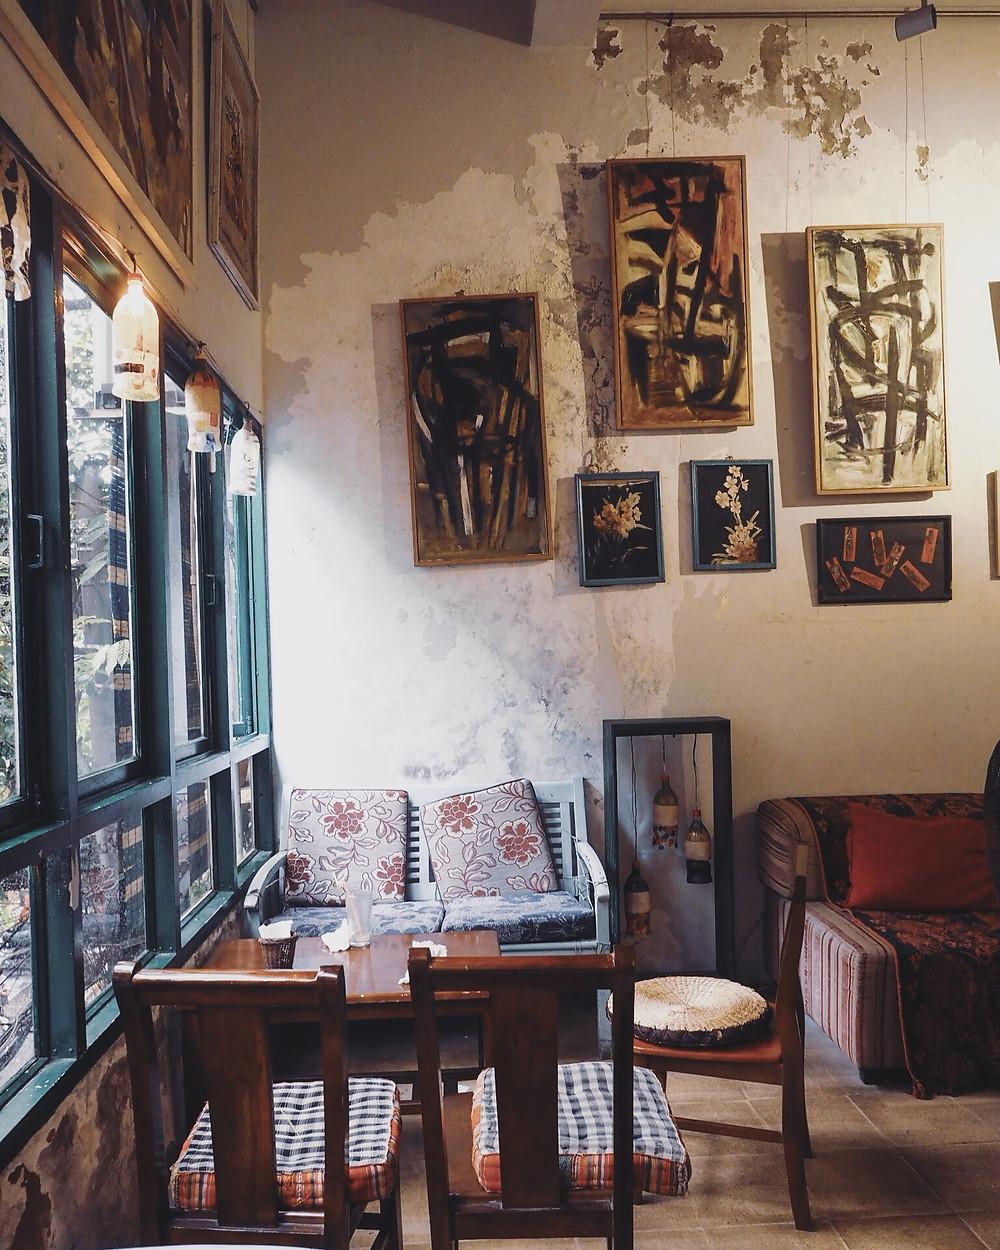 Cafe Nola 河内咖啡馆